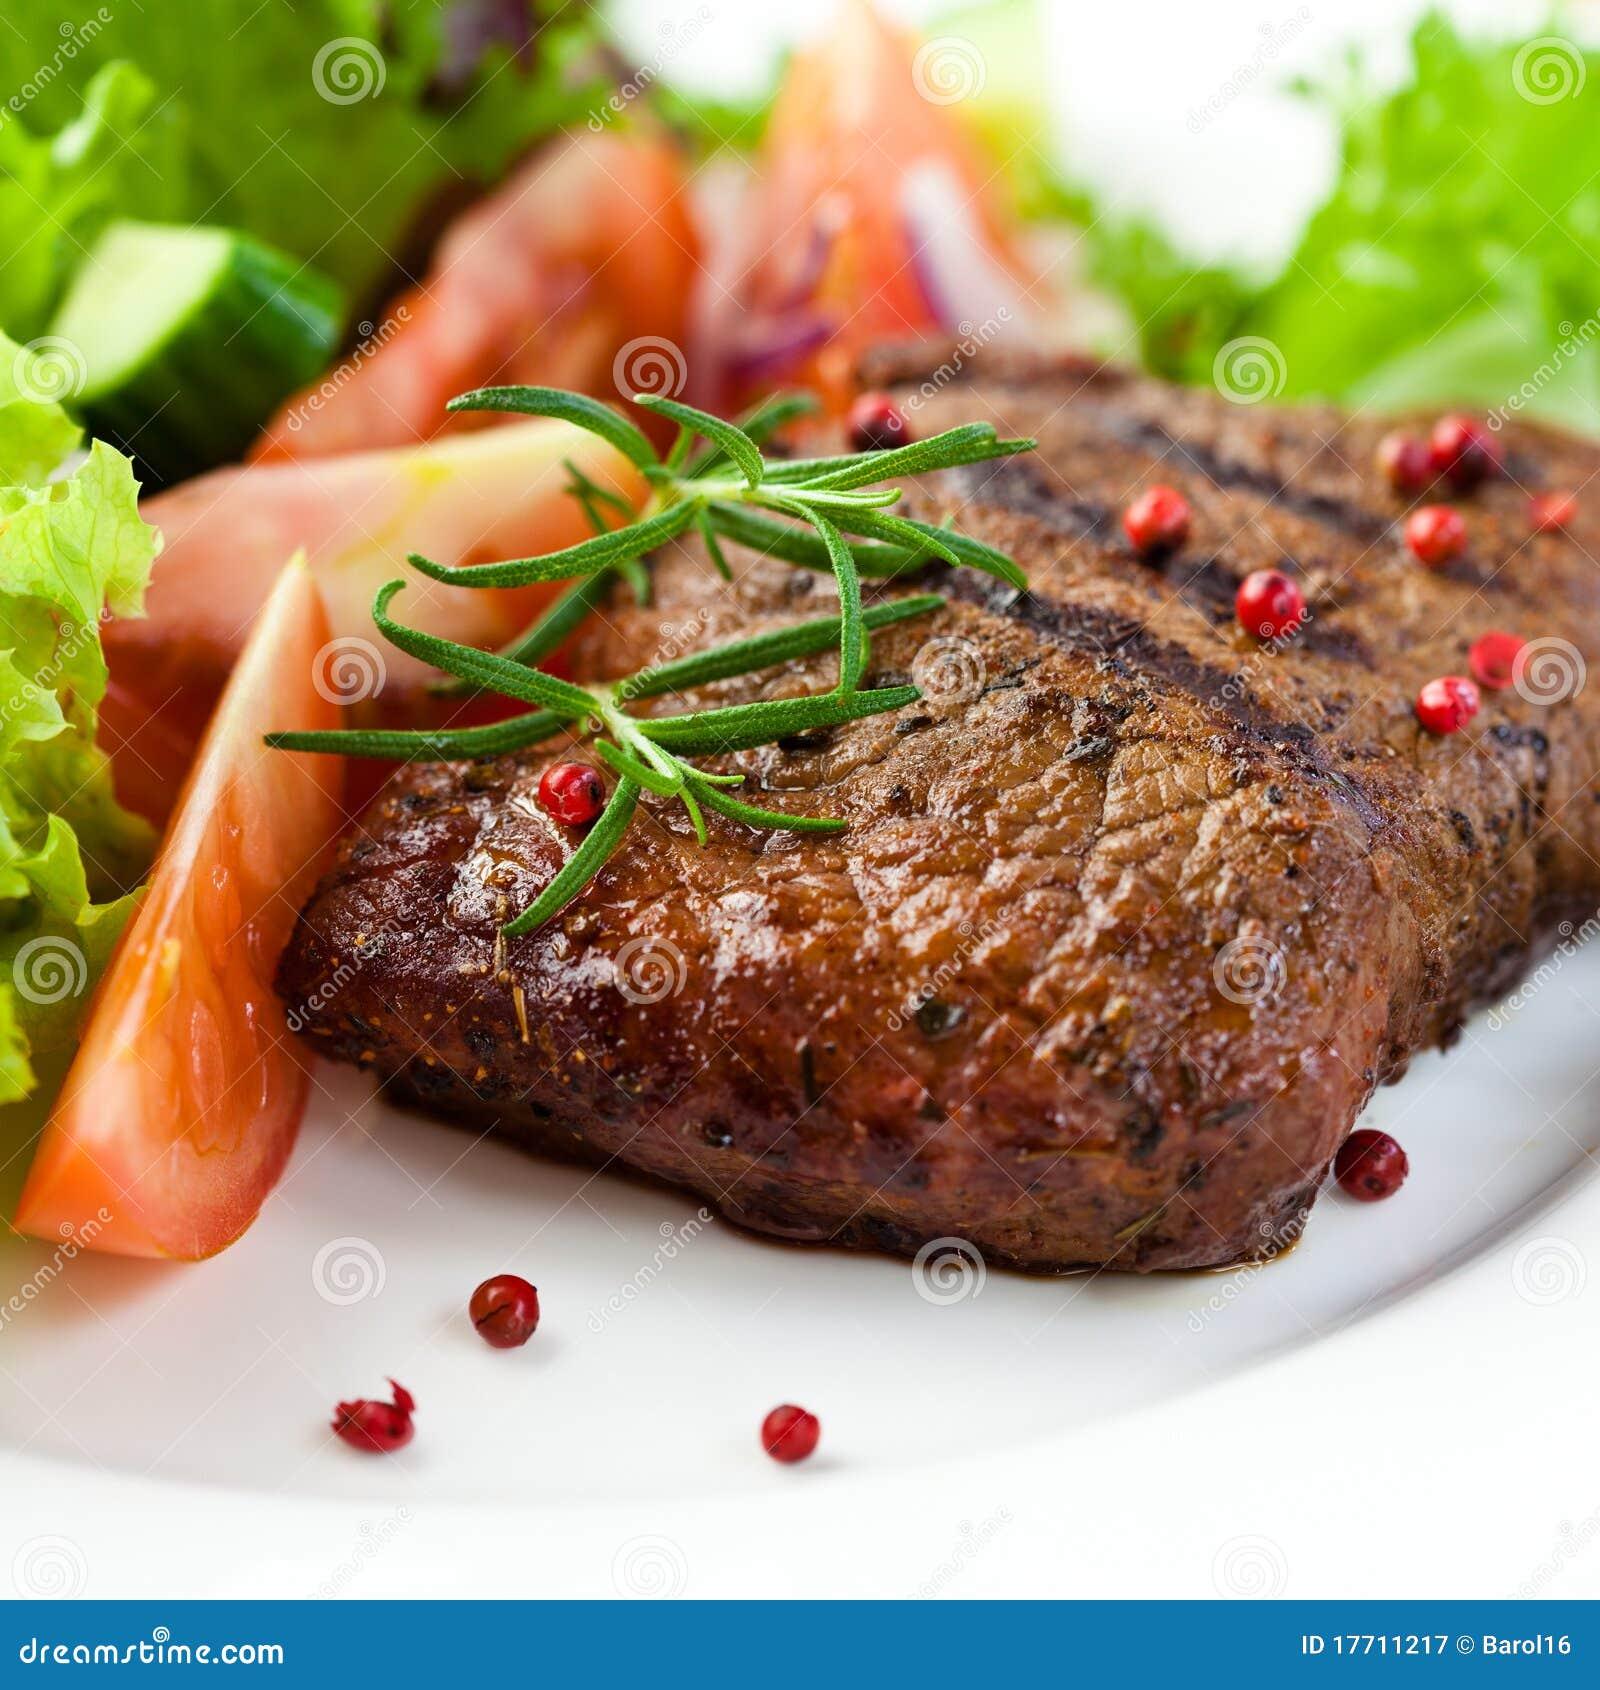 how to cook fresh steak